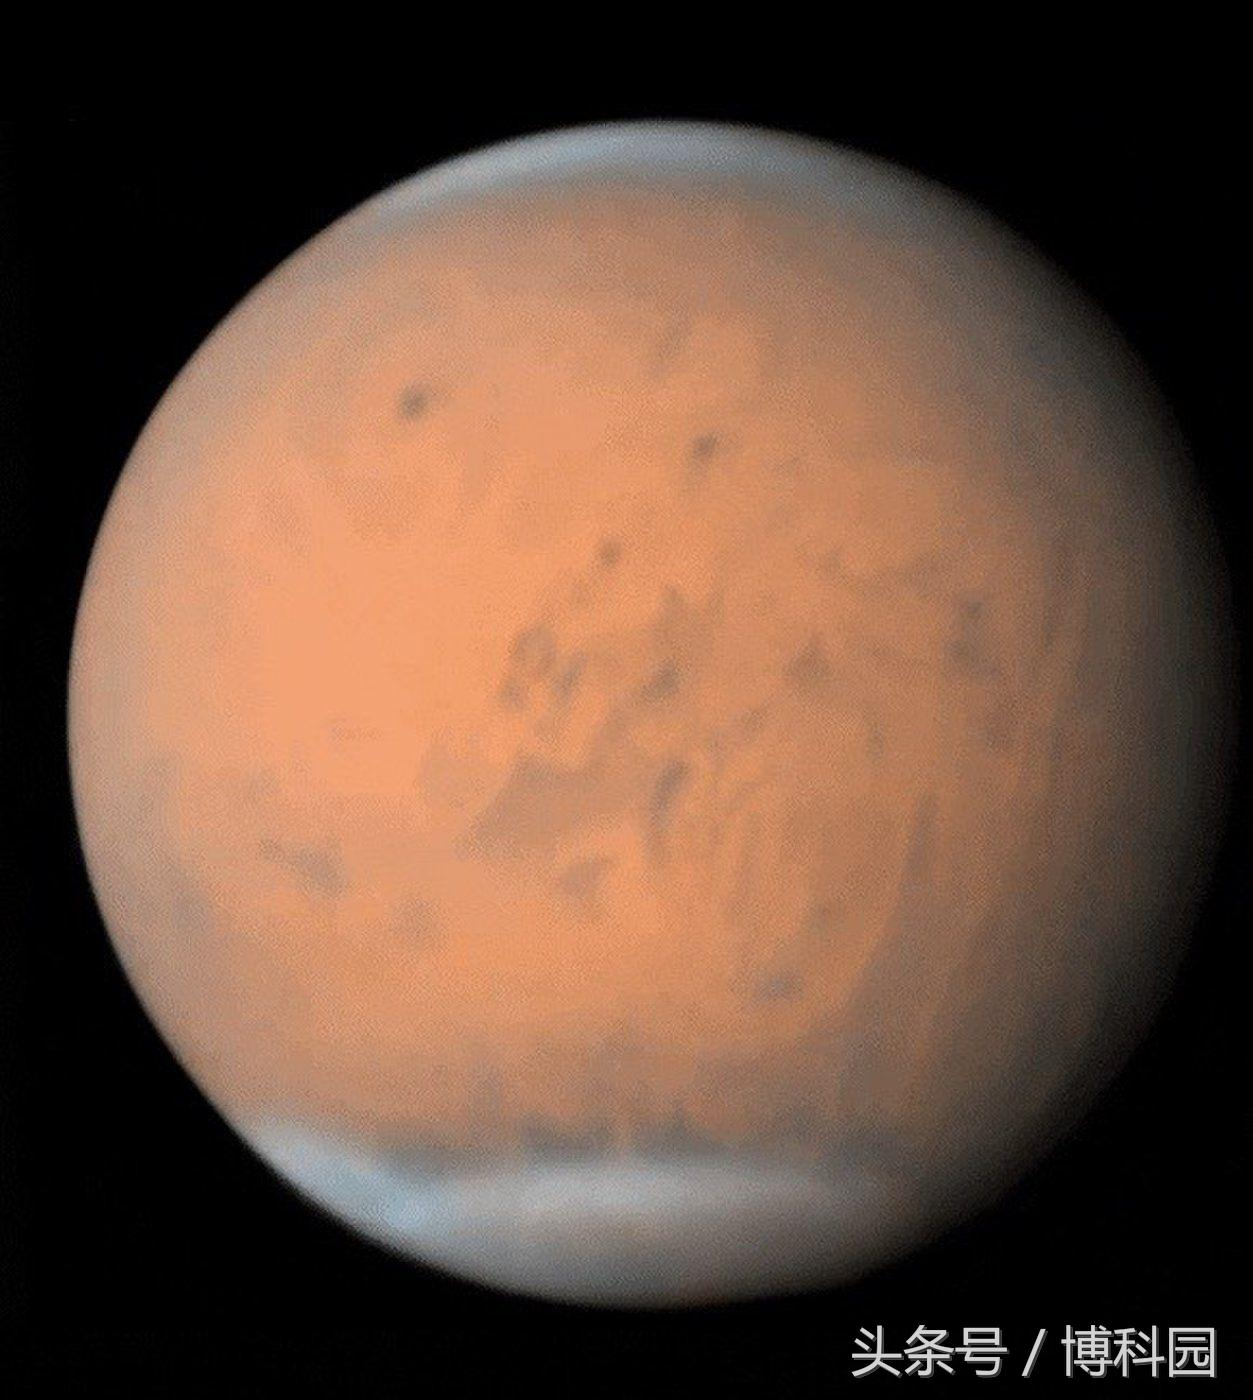 在这图片中,你可以看到火星上的巨大沙尘暴